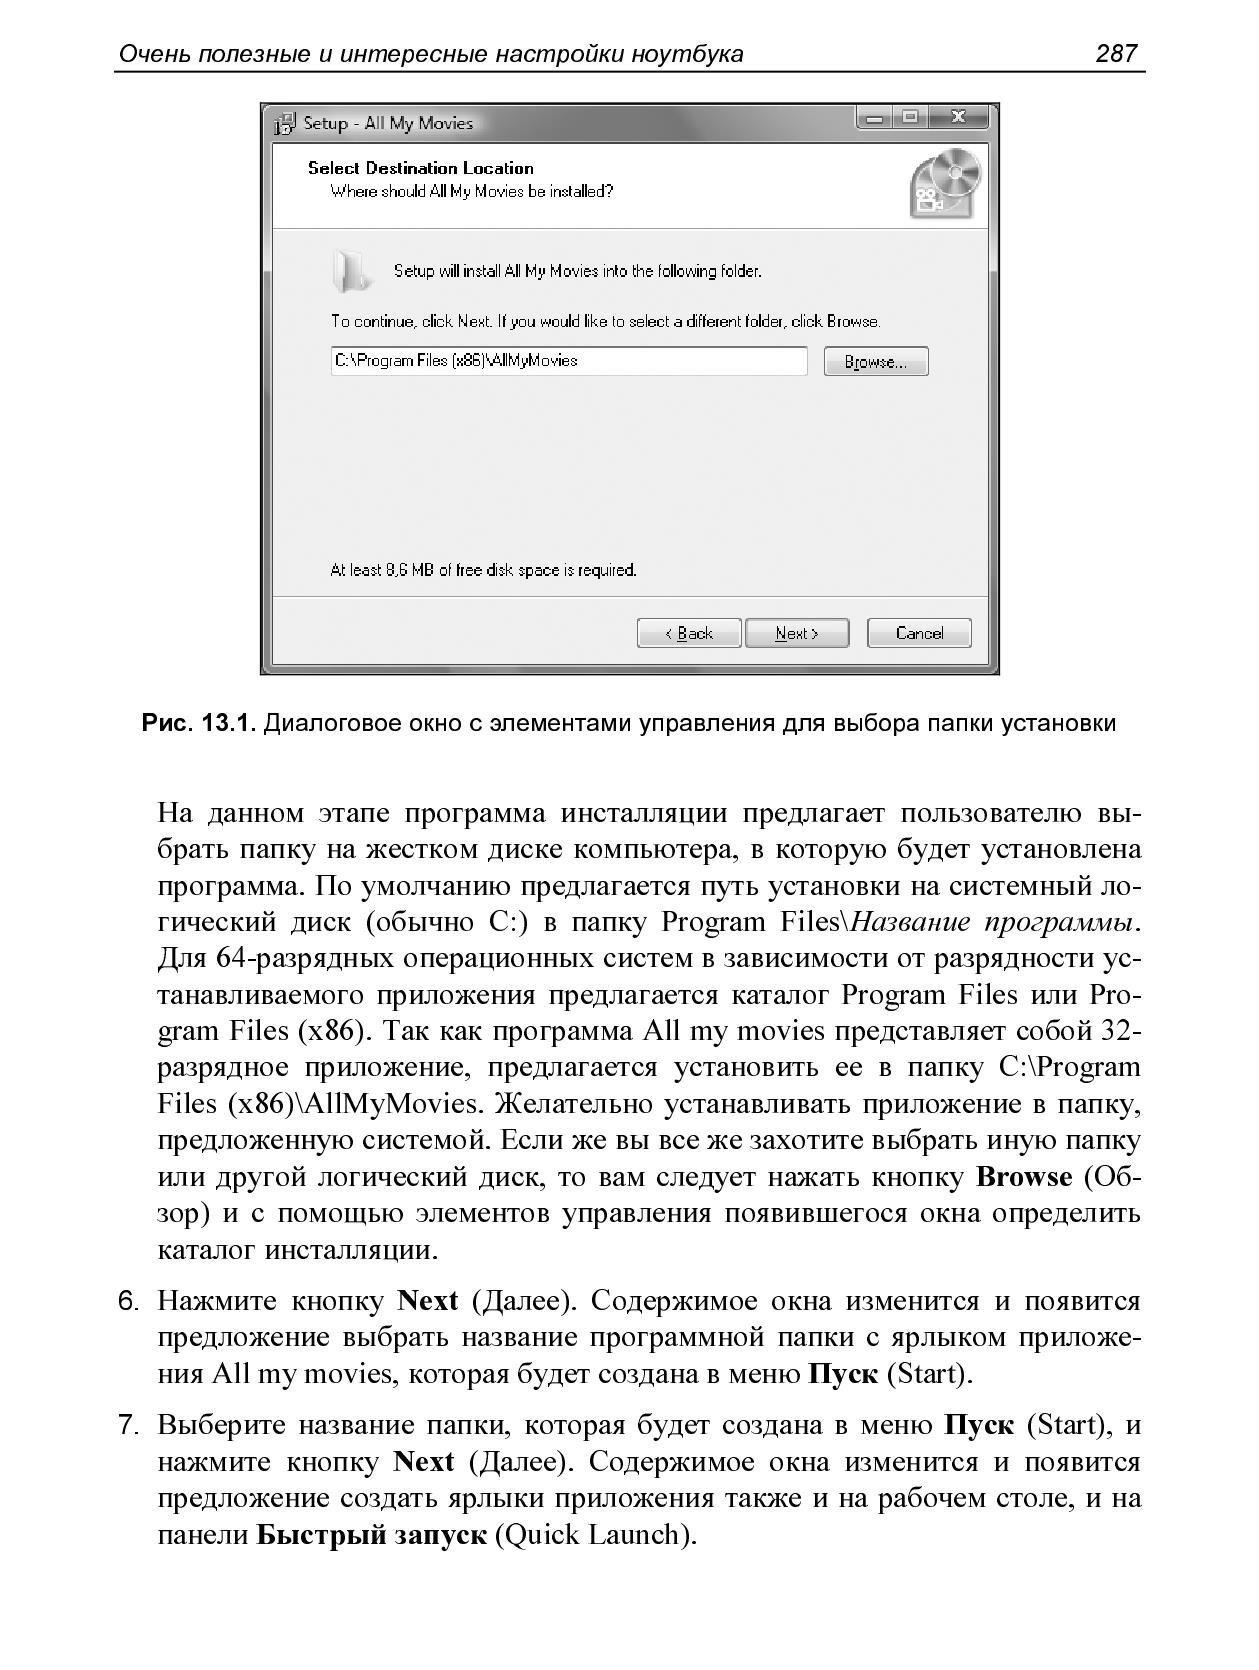 http://images.vfl.ru/ii/1407358386/4cebf2ec/5919834.jpg